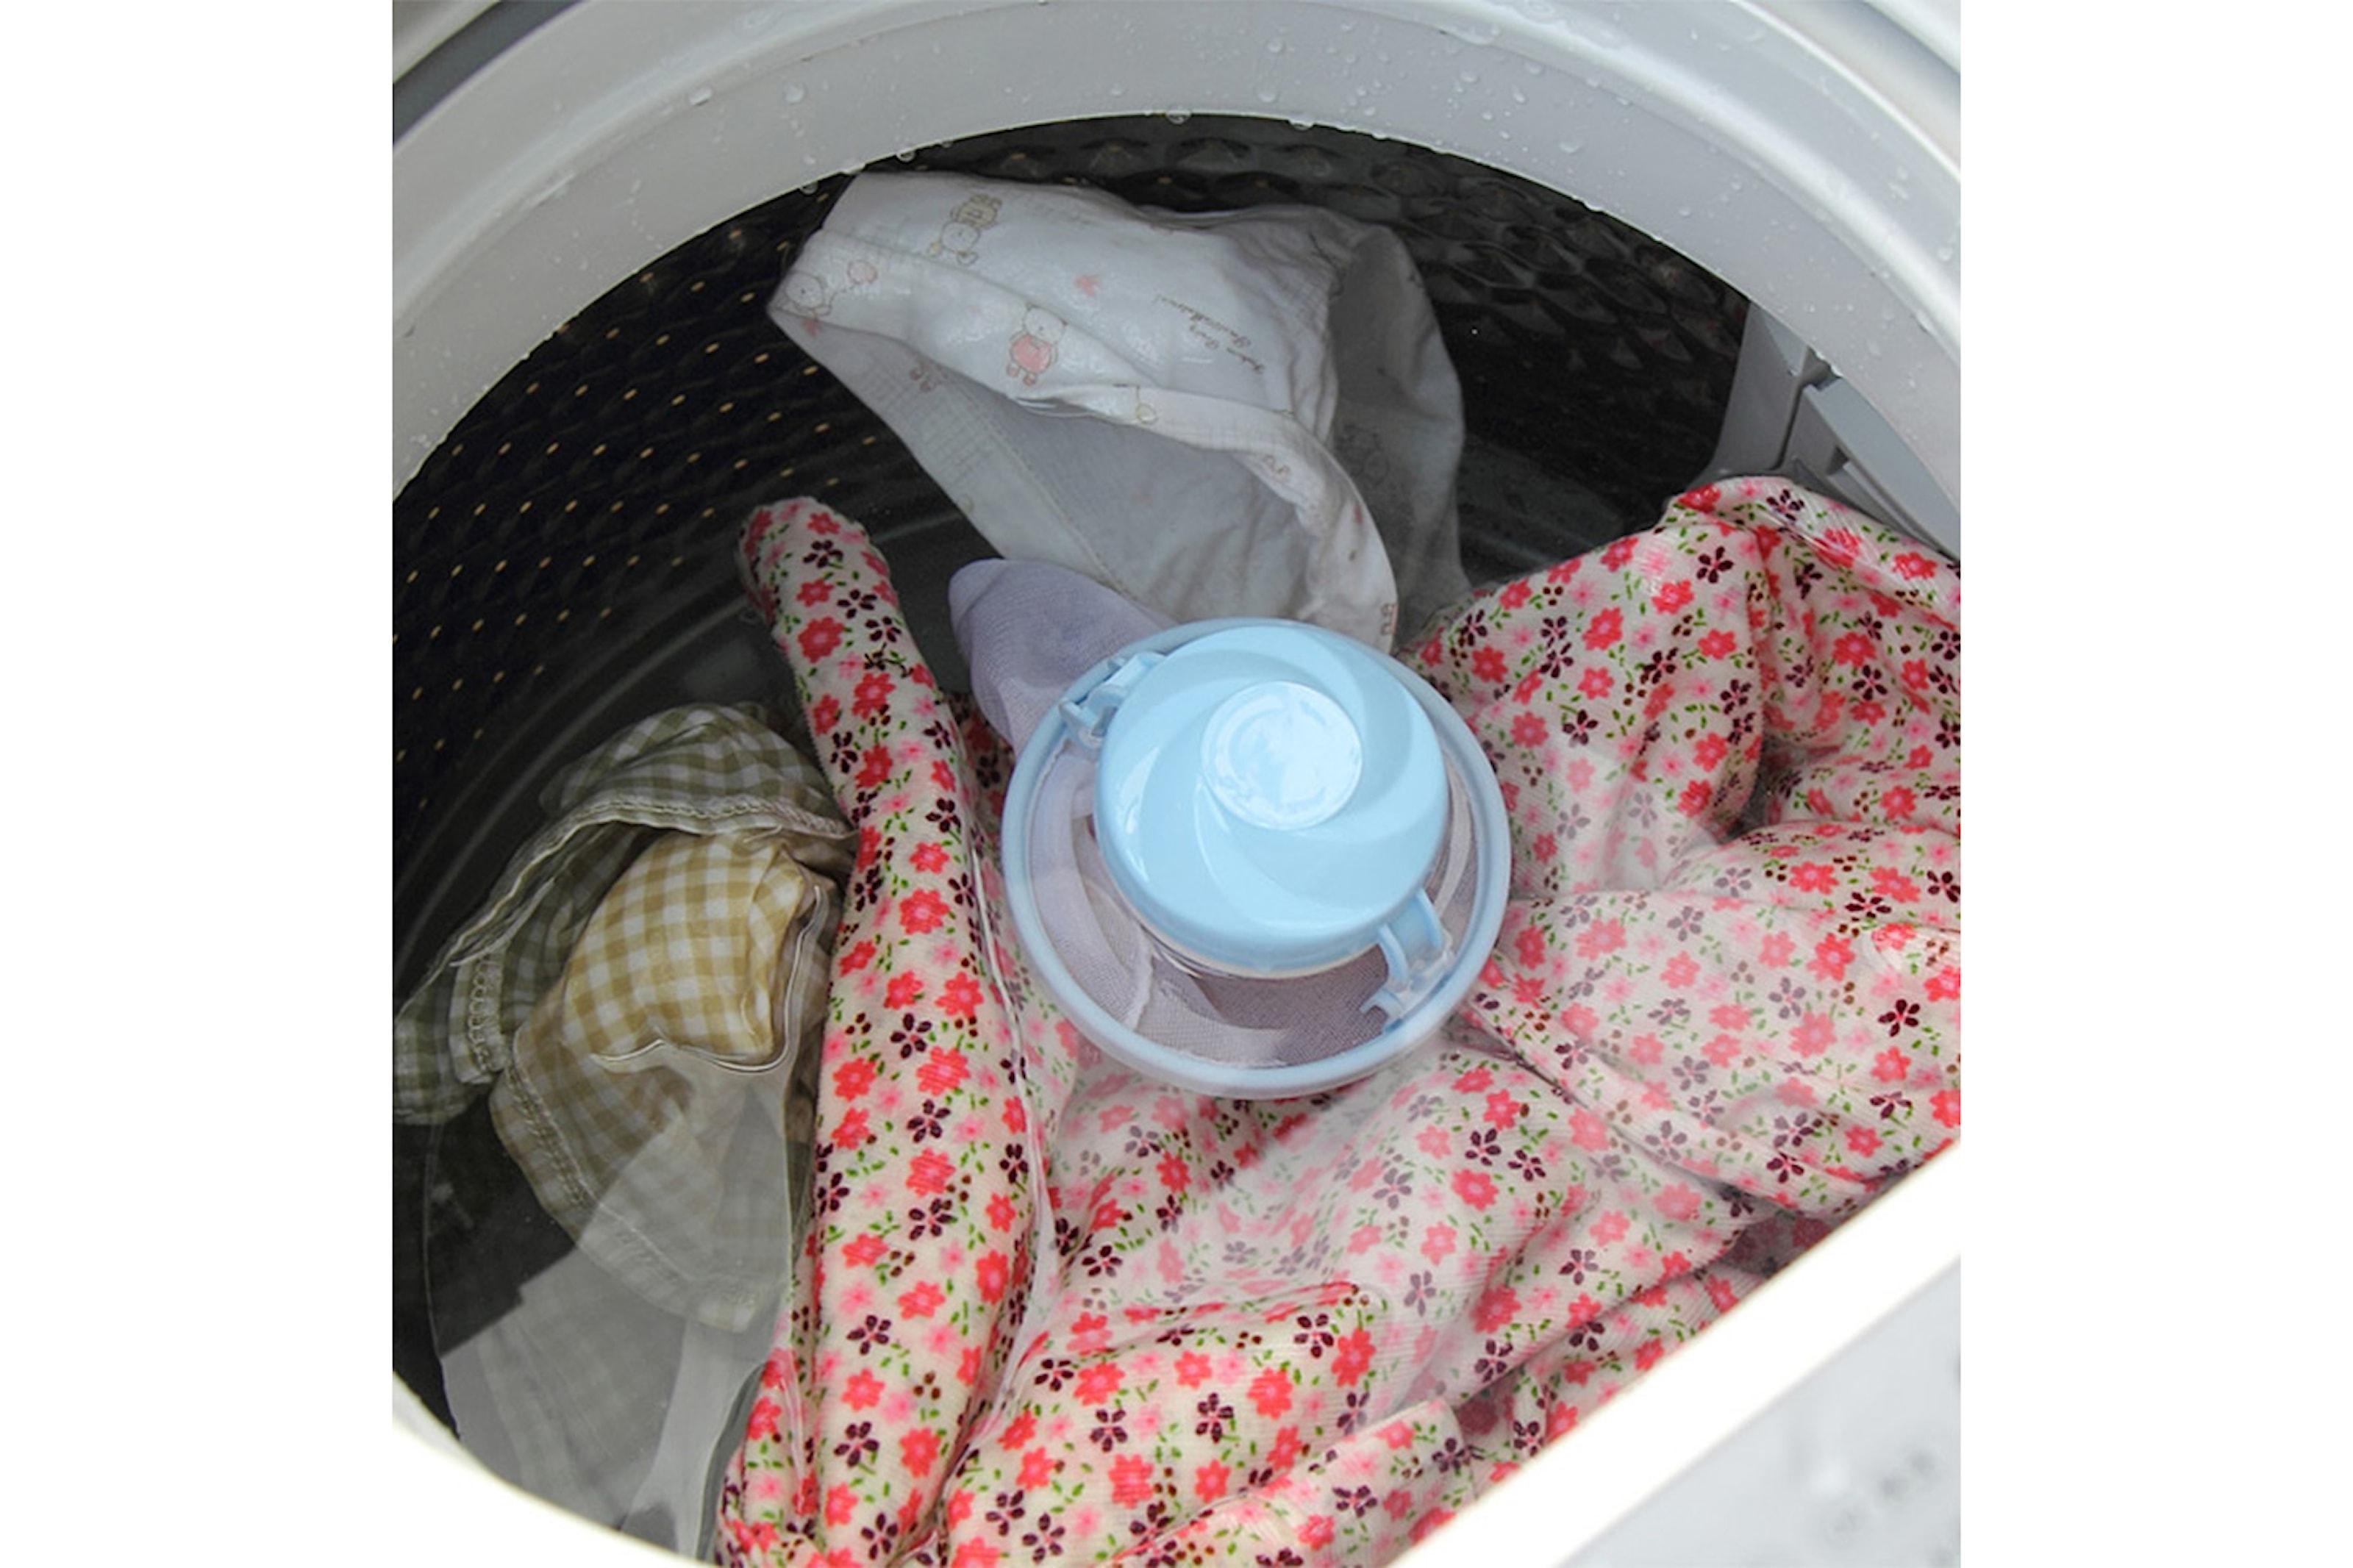 Håruppsamlare till tvättmaskinen